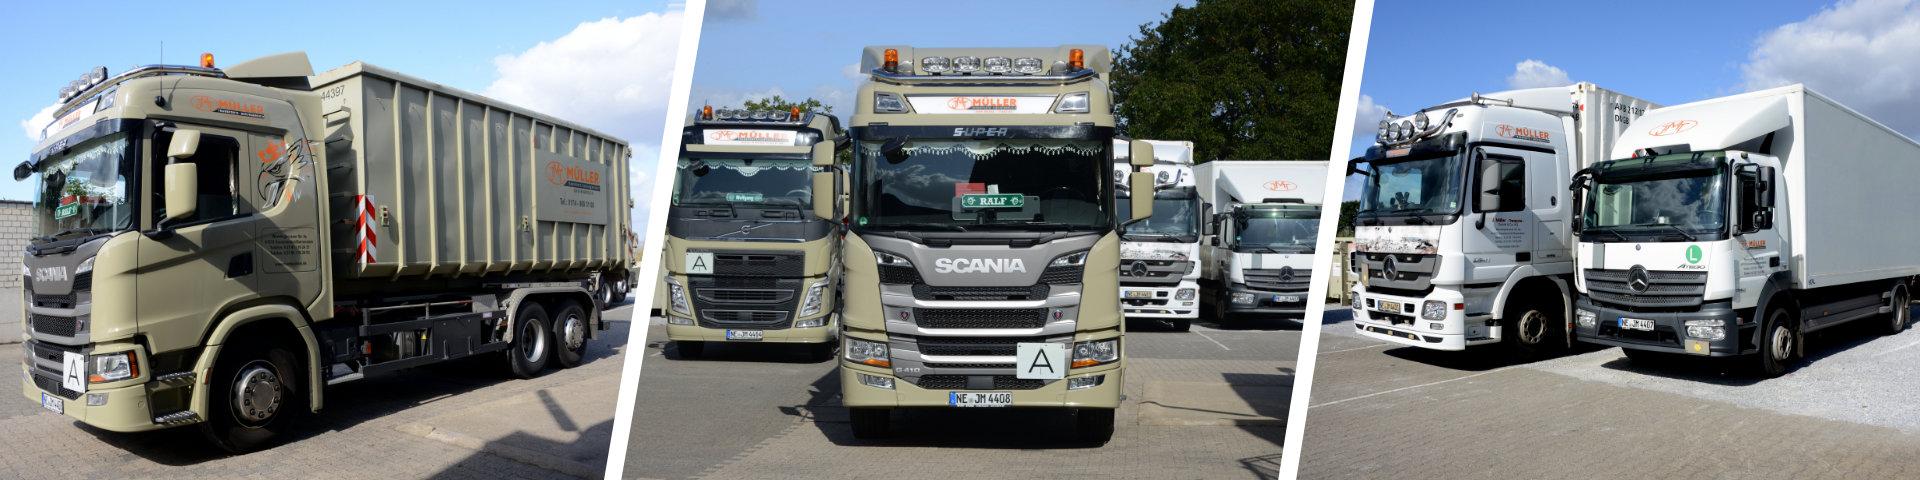 Containertransporte, Containerverleih (Orivat und Gewerbe), Ensorgung - aus Grevenbroich bei Neuss